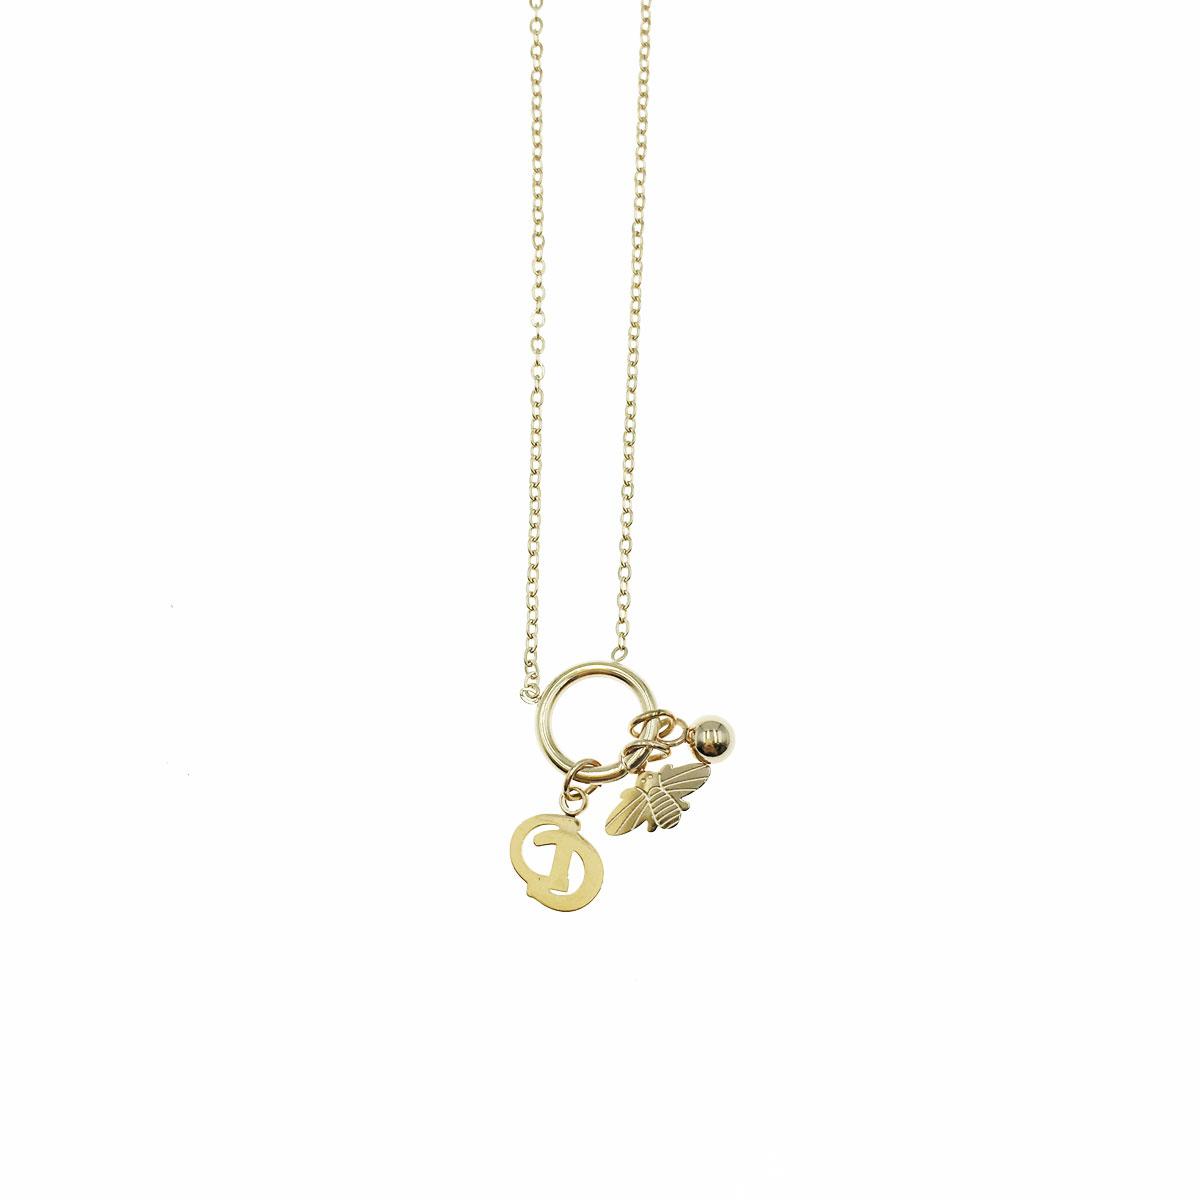 韓國 不銹鋼 蜜蜂 DC 球 鎖骨鍊 短鍊 項鍊 飾品